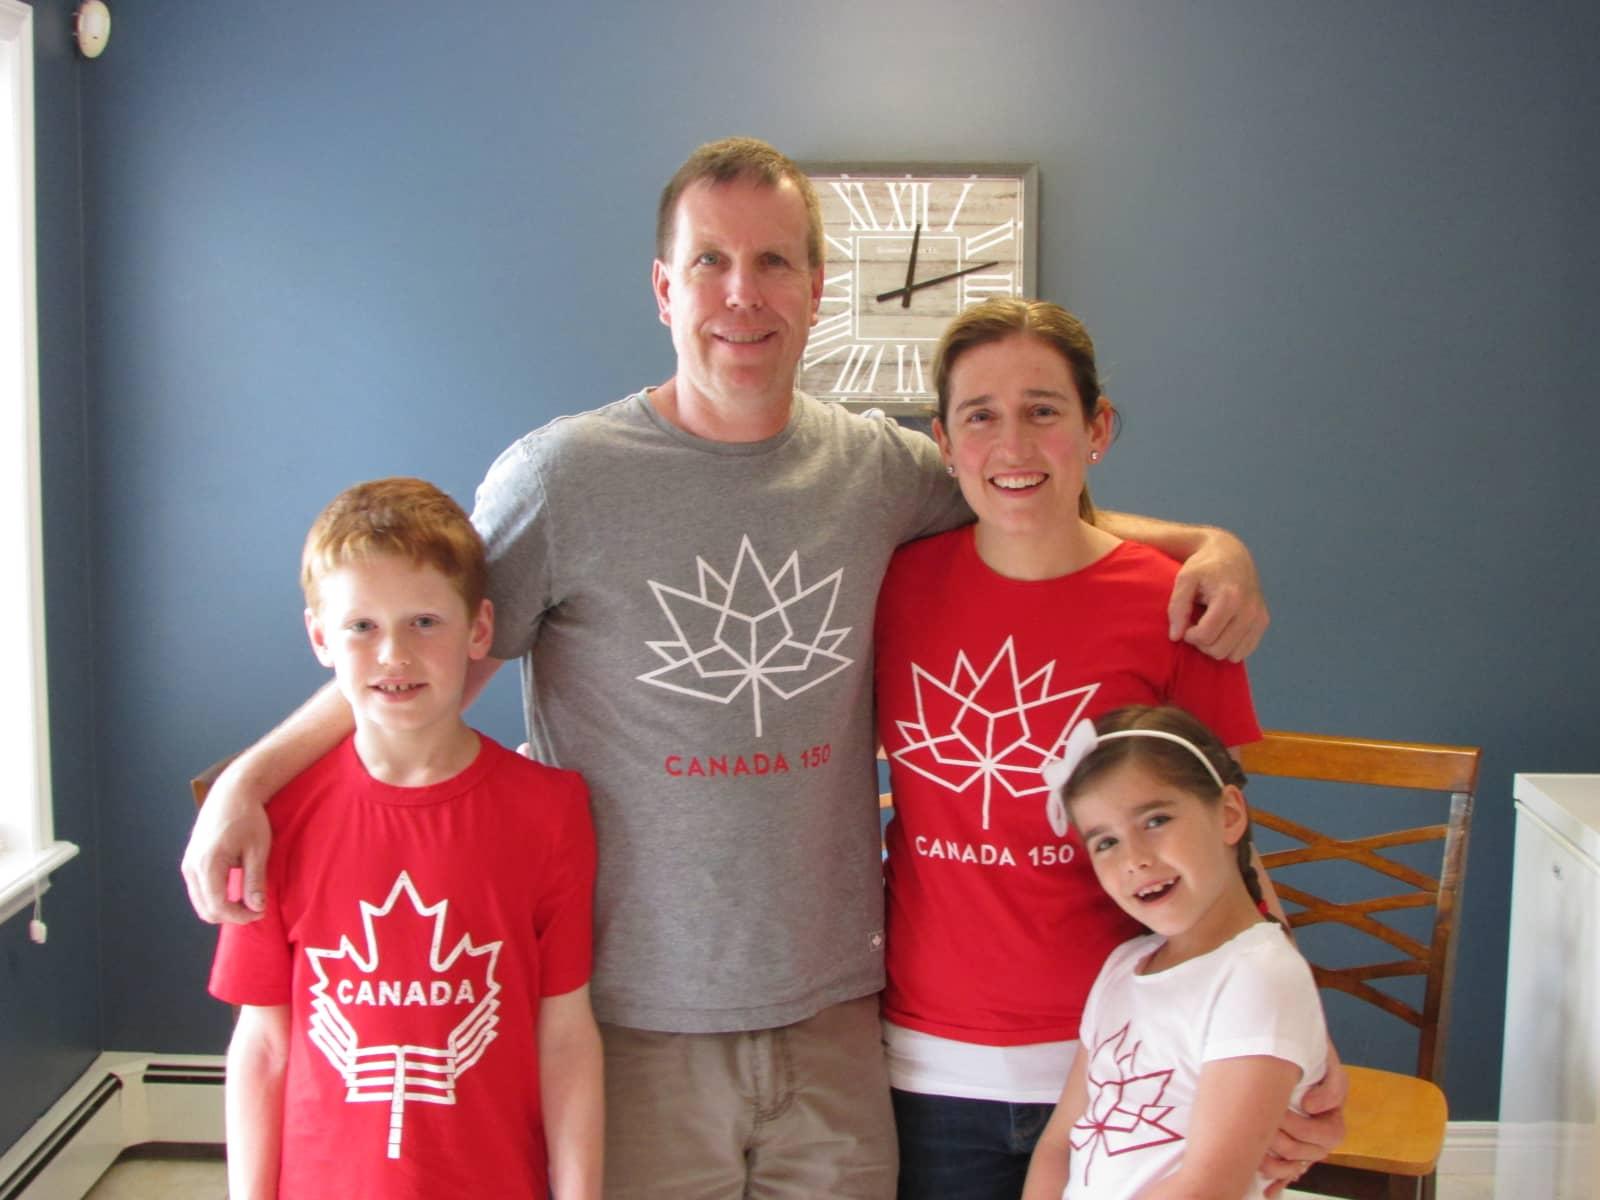 Emily & Chris from Halifax, Nova Scotia, Canada